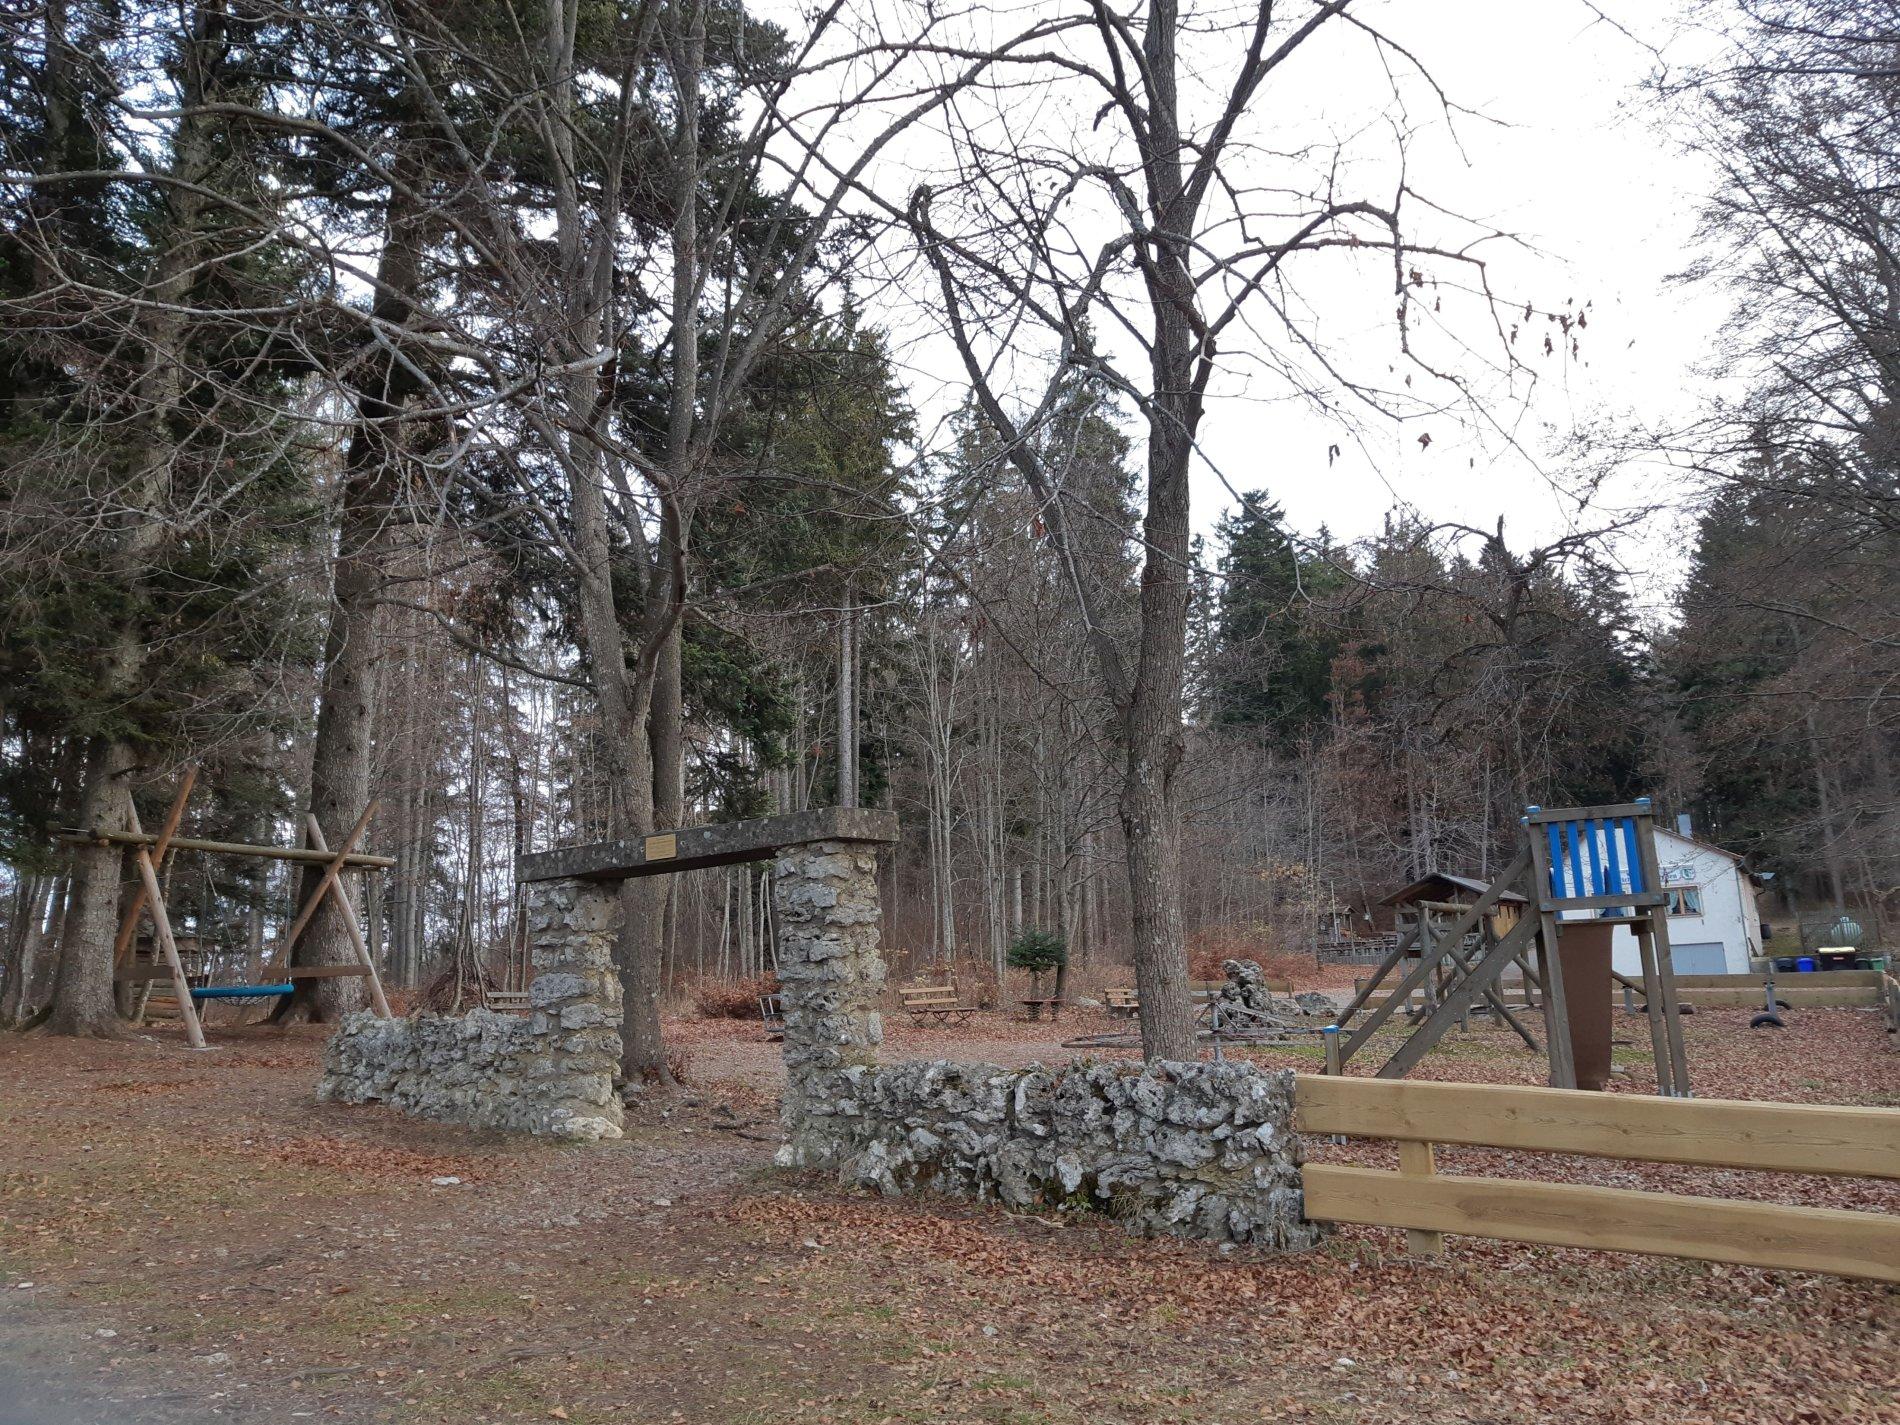 Viel Spielspaß auf dem Waldspielsplatz Schönhalde in Albstadt-Truchtelfingen